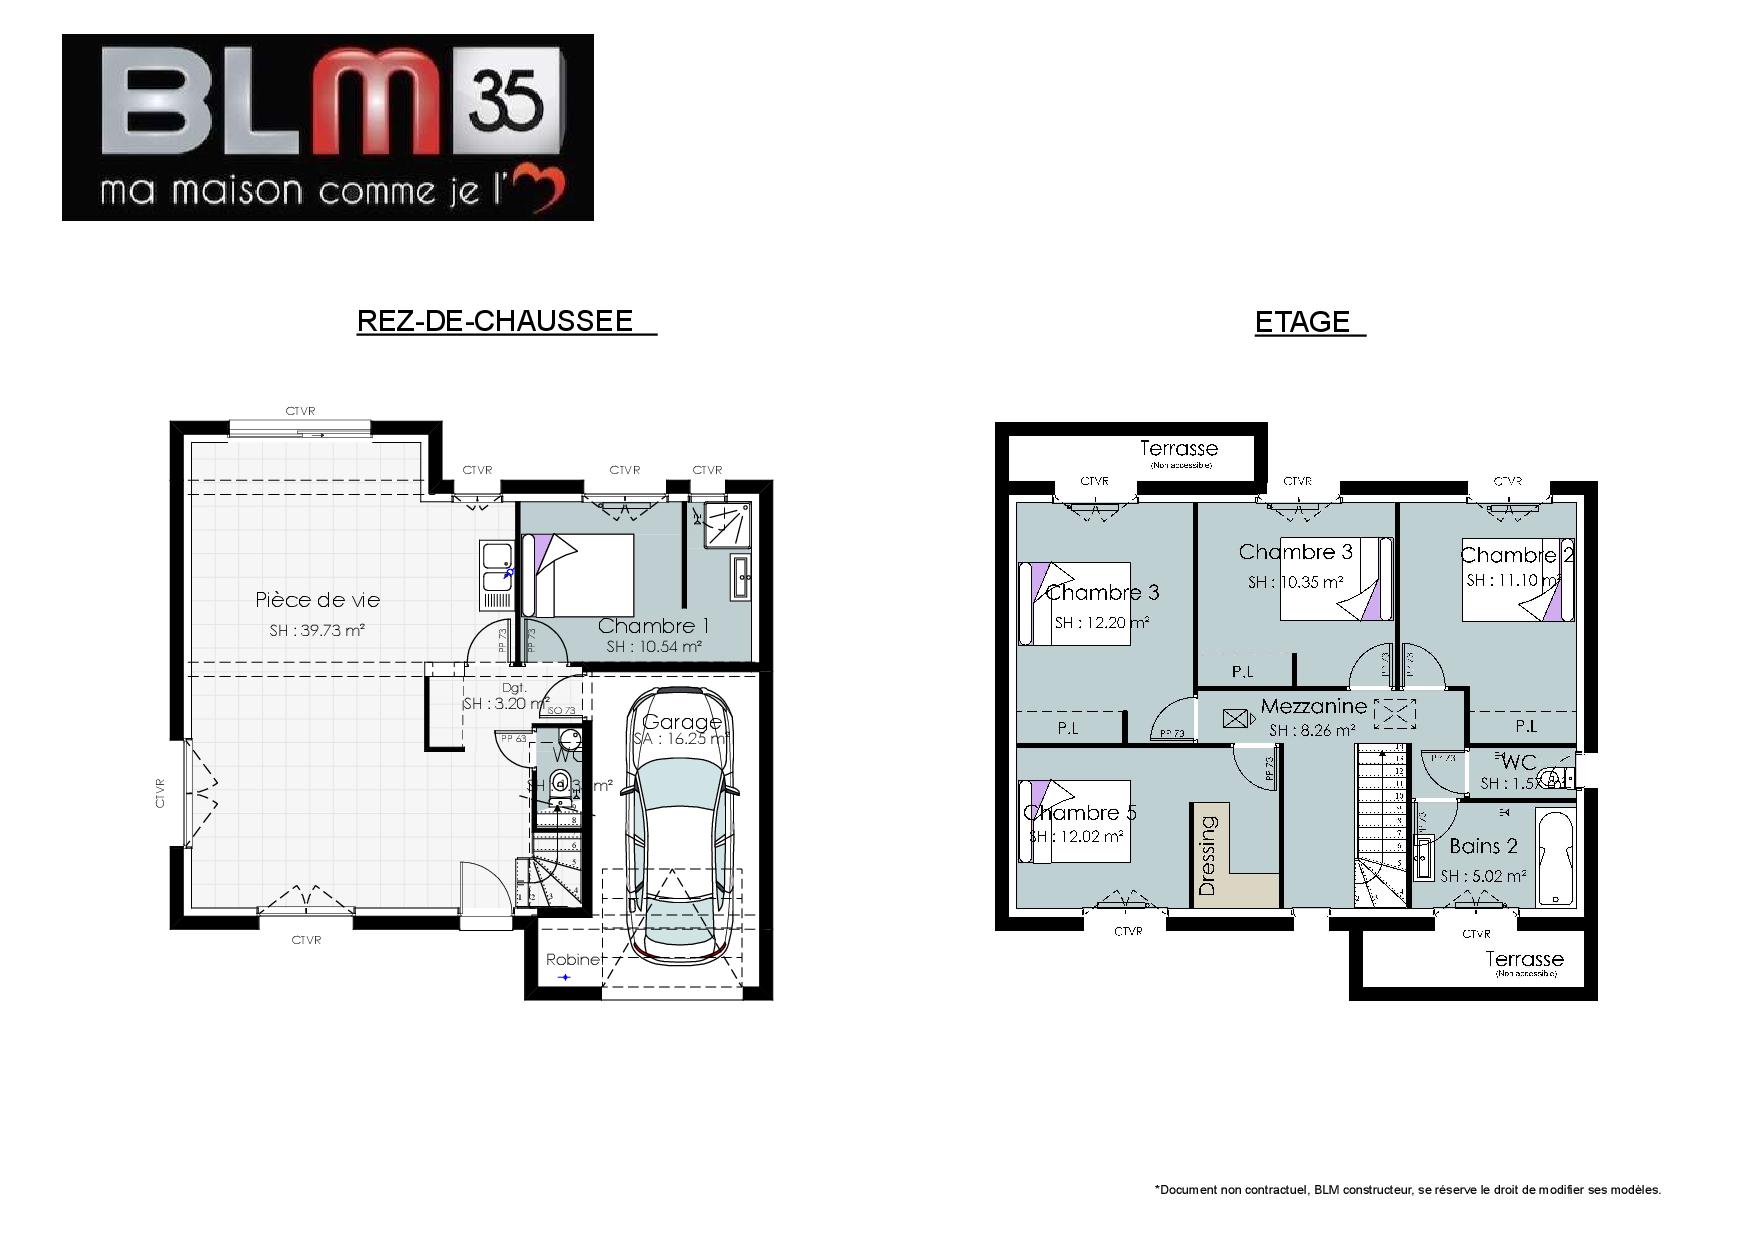 Plan Maison 5 Chambres Avec Etage Envie Du 2